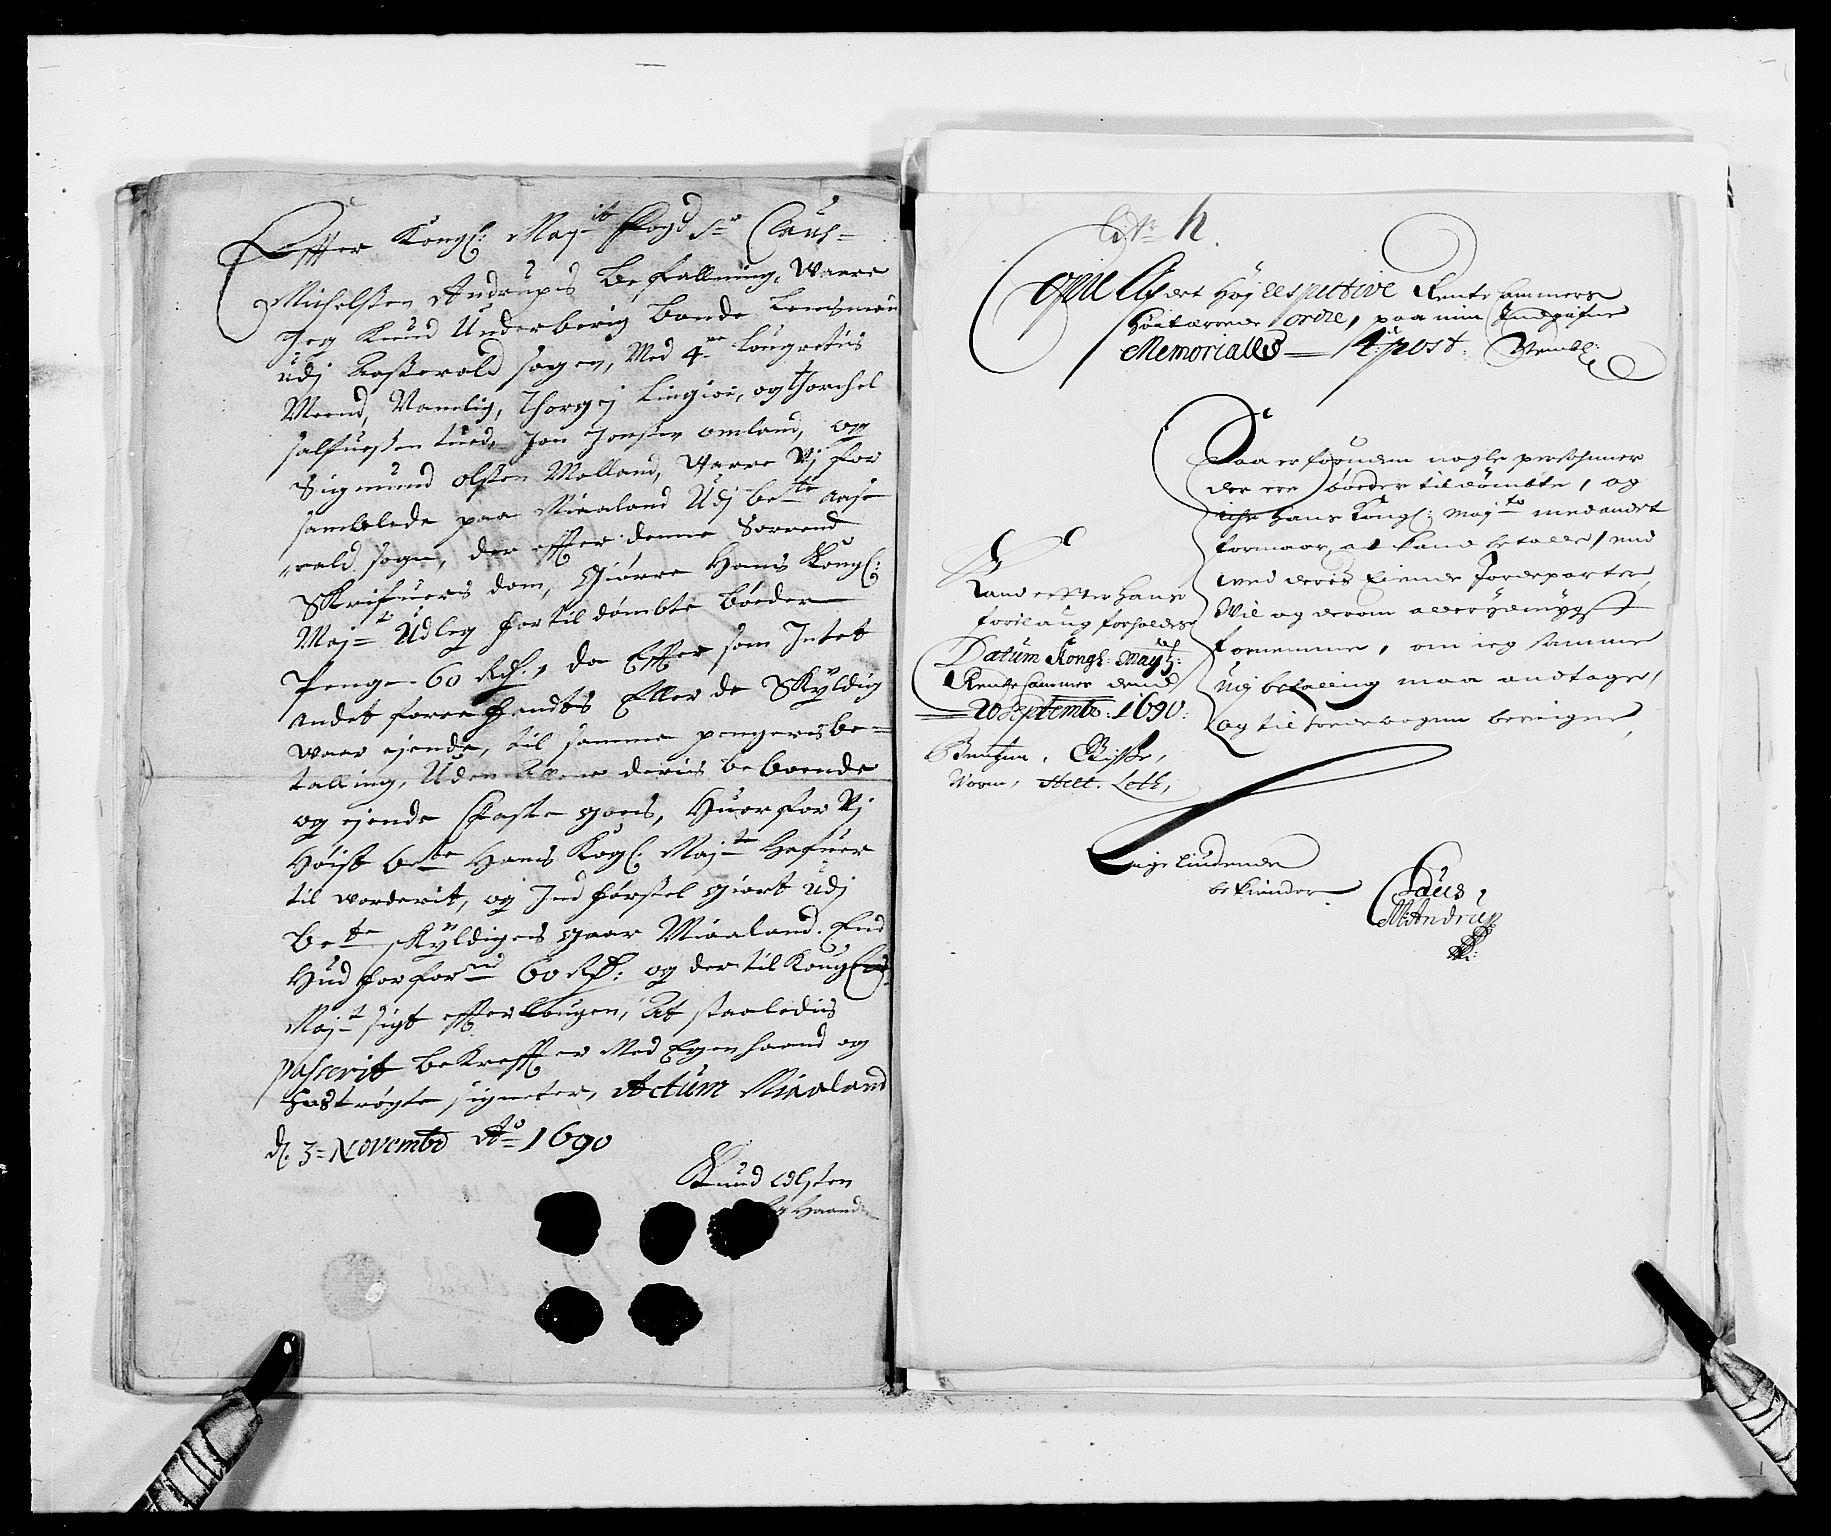 RA, Rentekammeret inntil 1814, Reviderte regnskaper, Fogderegnskap, R40/L2442: Fogderegnskap Råbyggelag, 1689-1690, s. 165